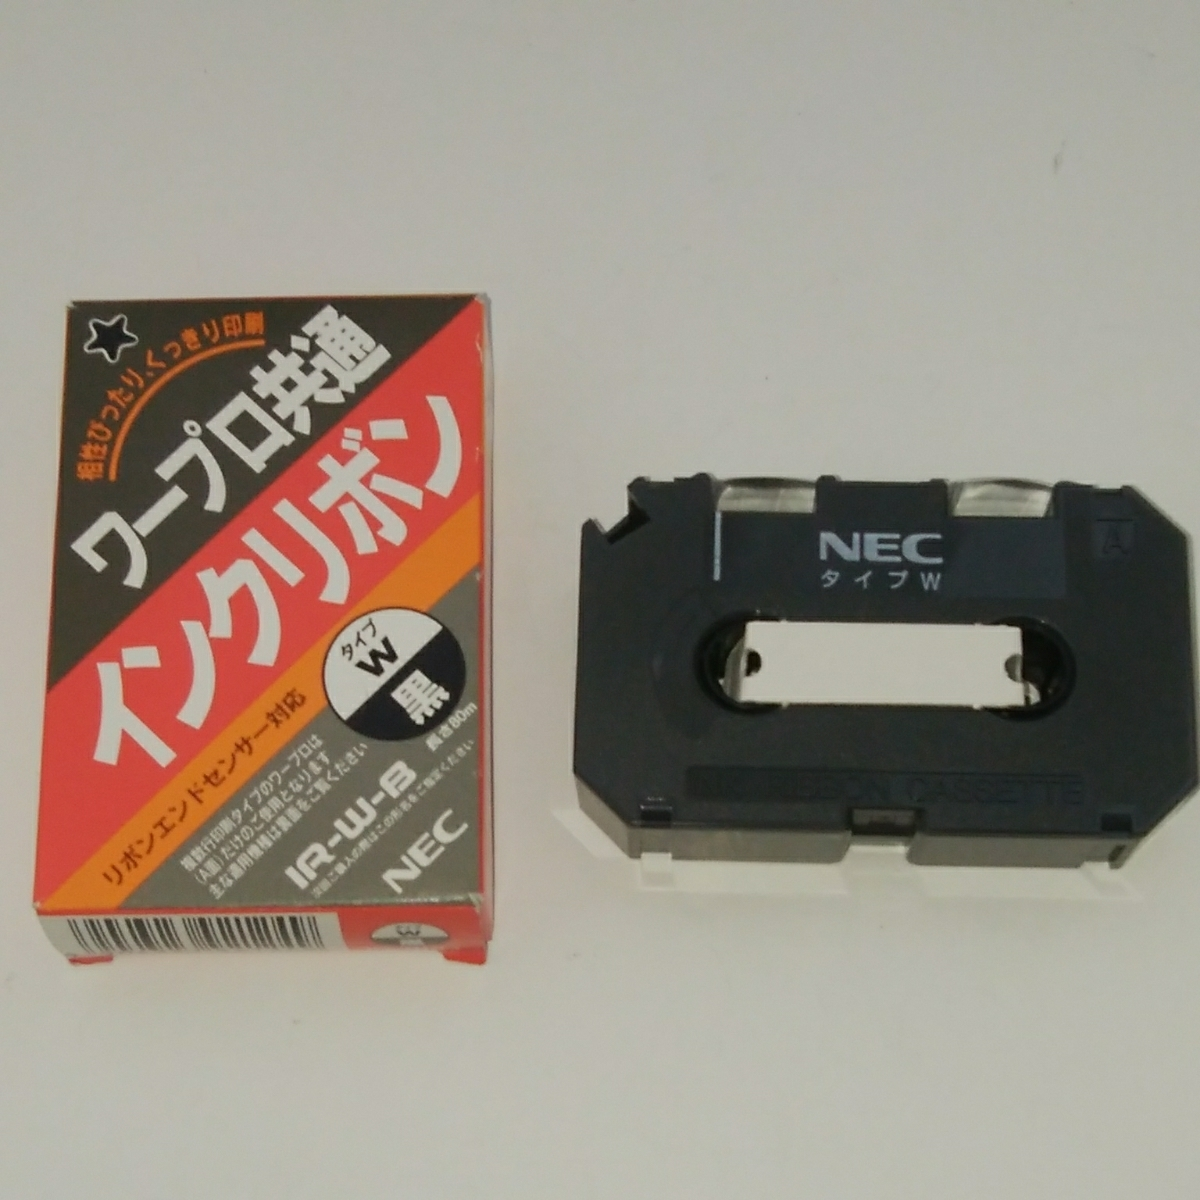 【未使用】NEC ワープロ共通インクリボン タイプW 黒 IR-W-B 1個_画像1